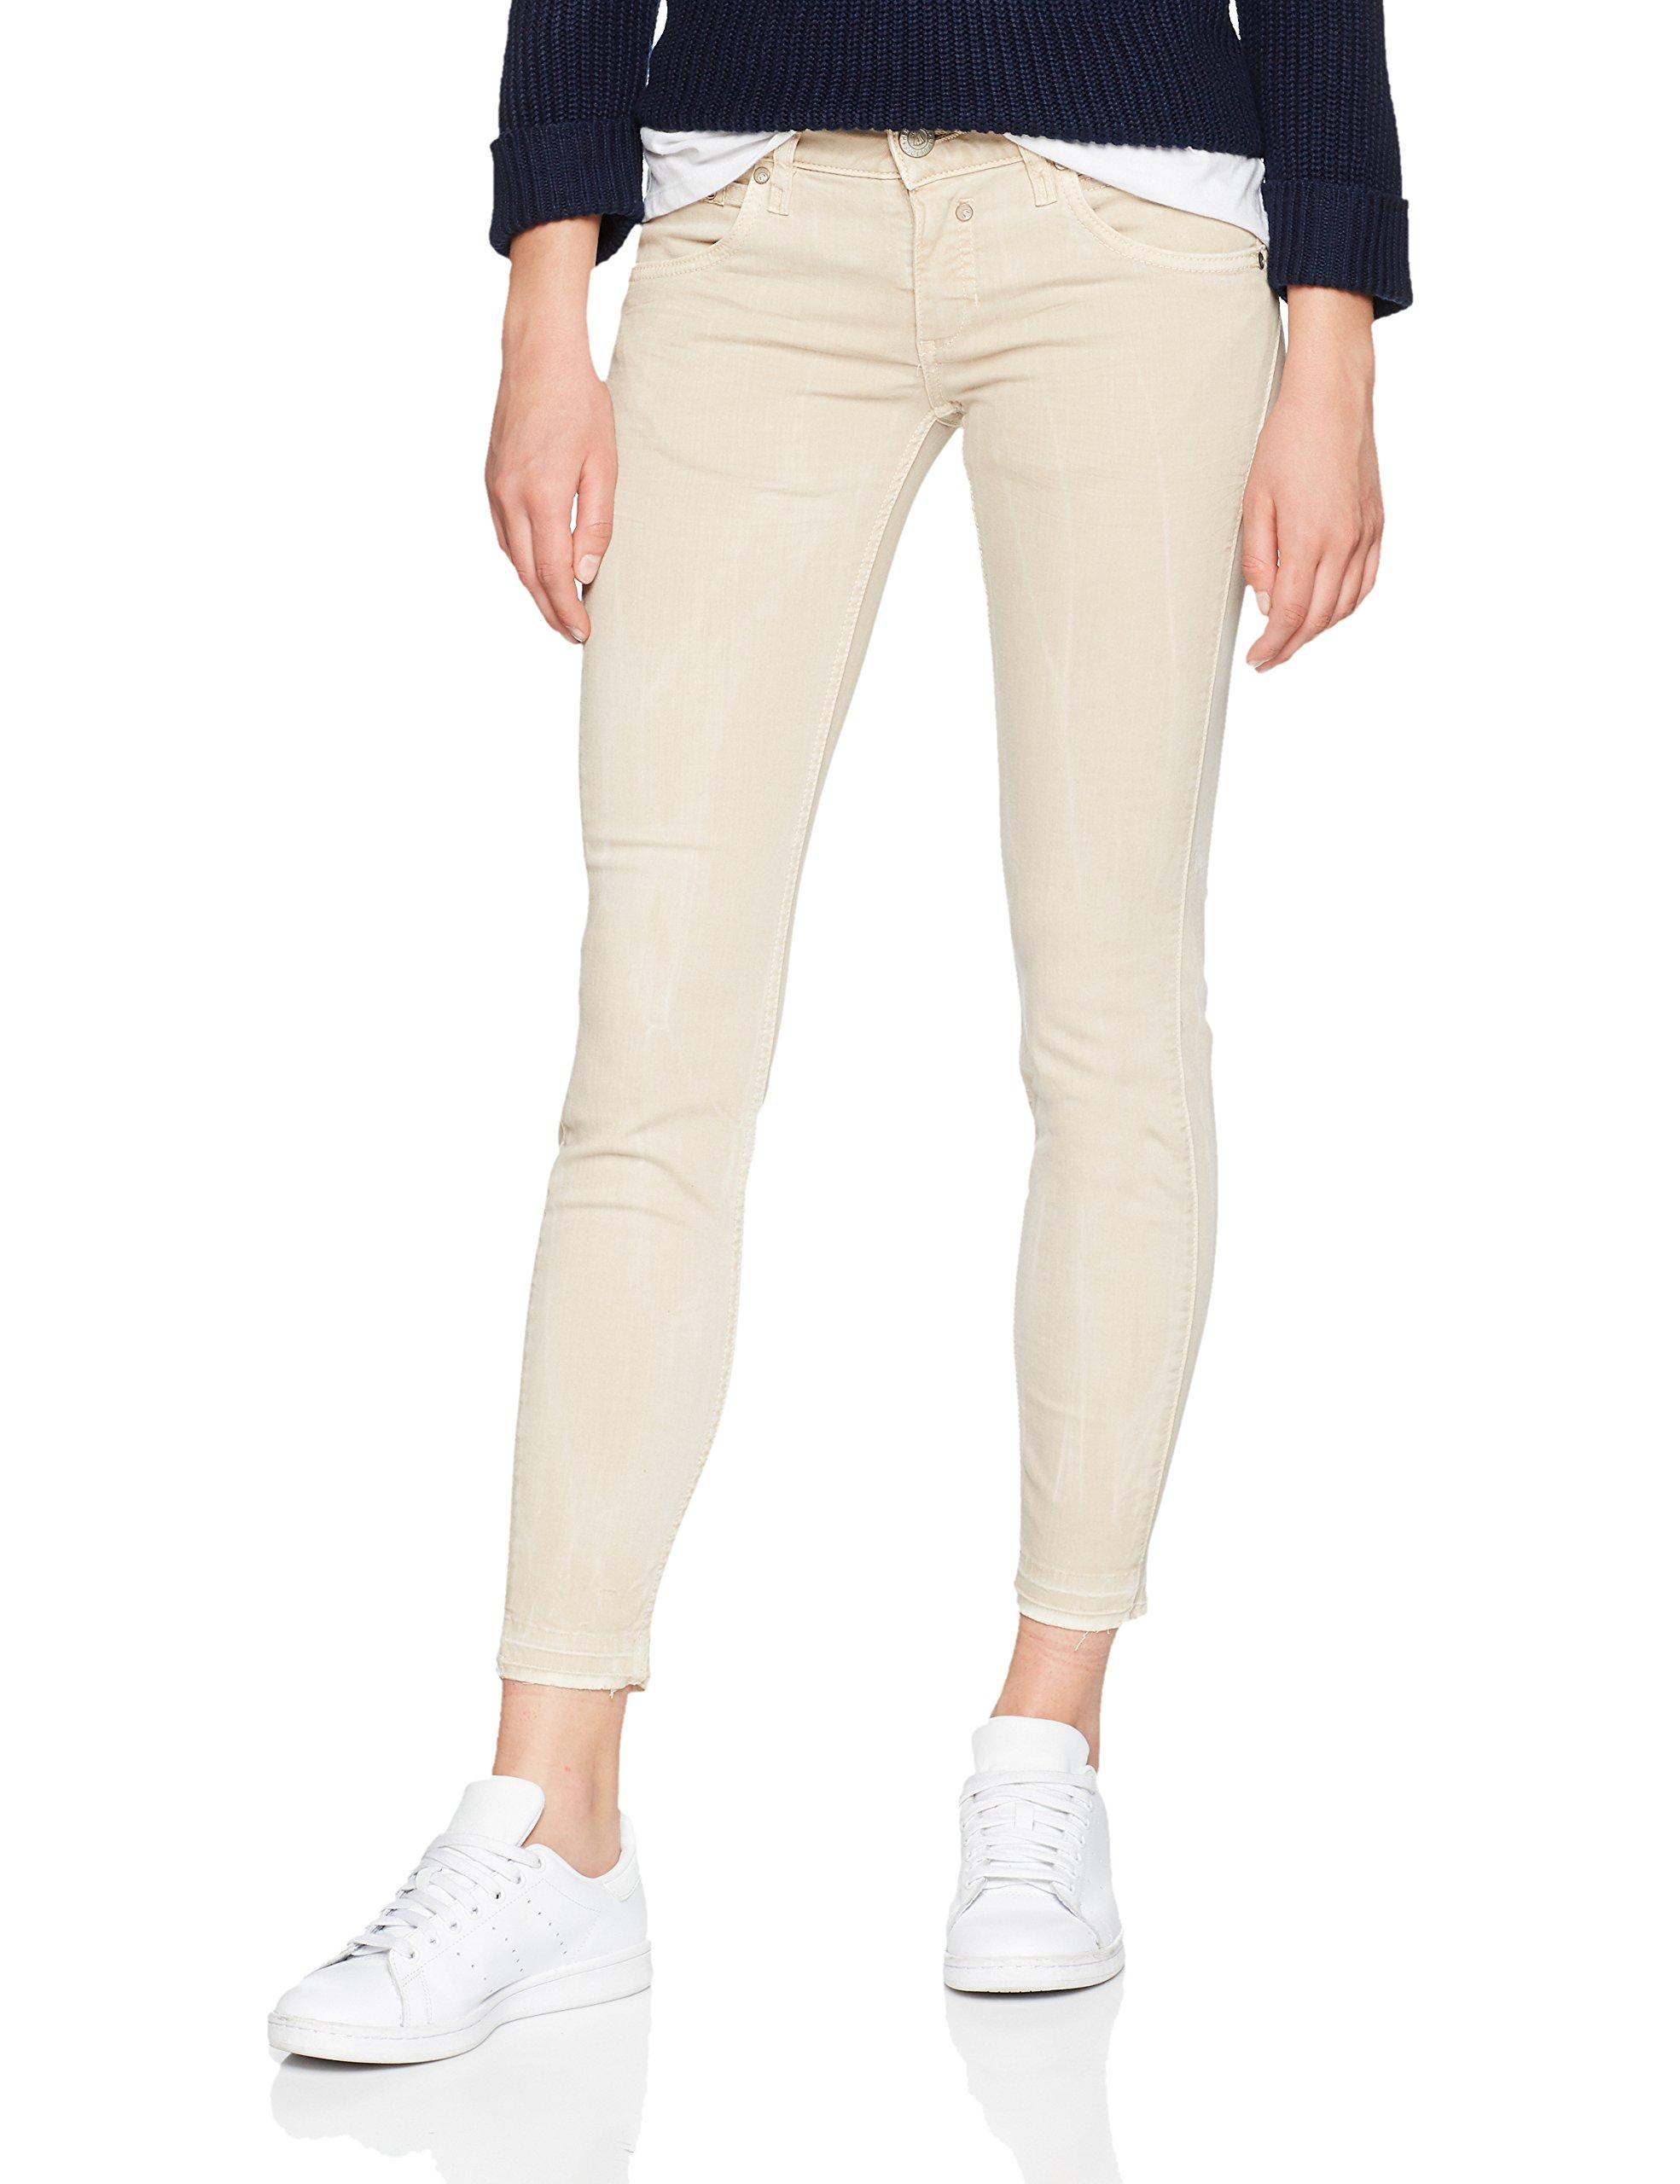 379W29 Touch Femme Cropped Herrlicher PantalonBeige OkuwPZiXTl